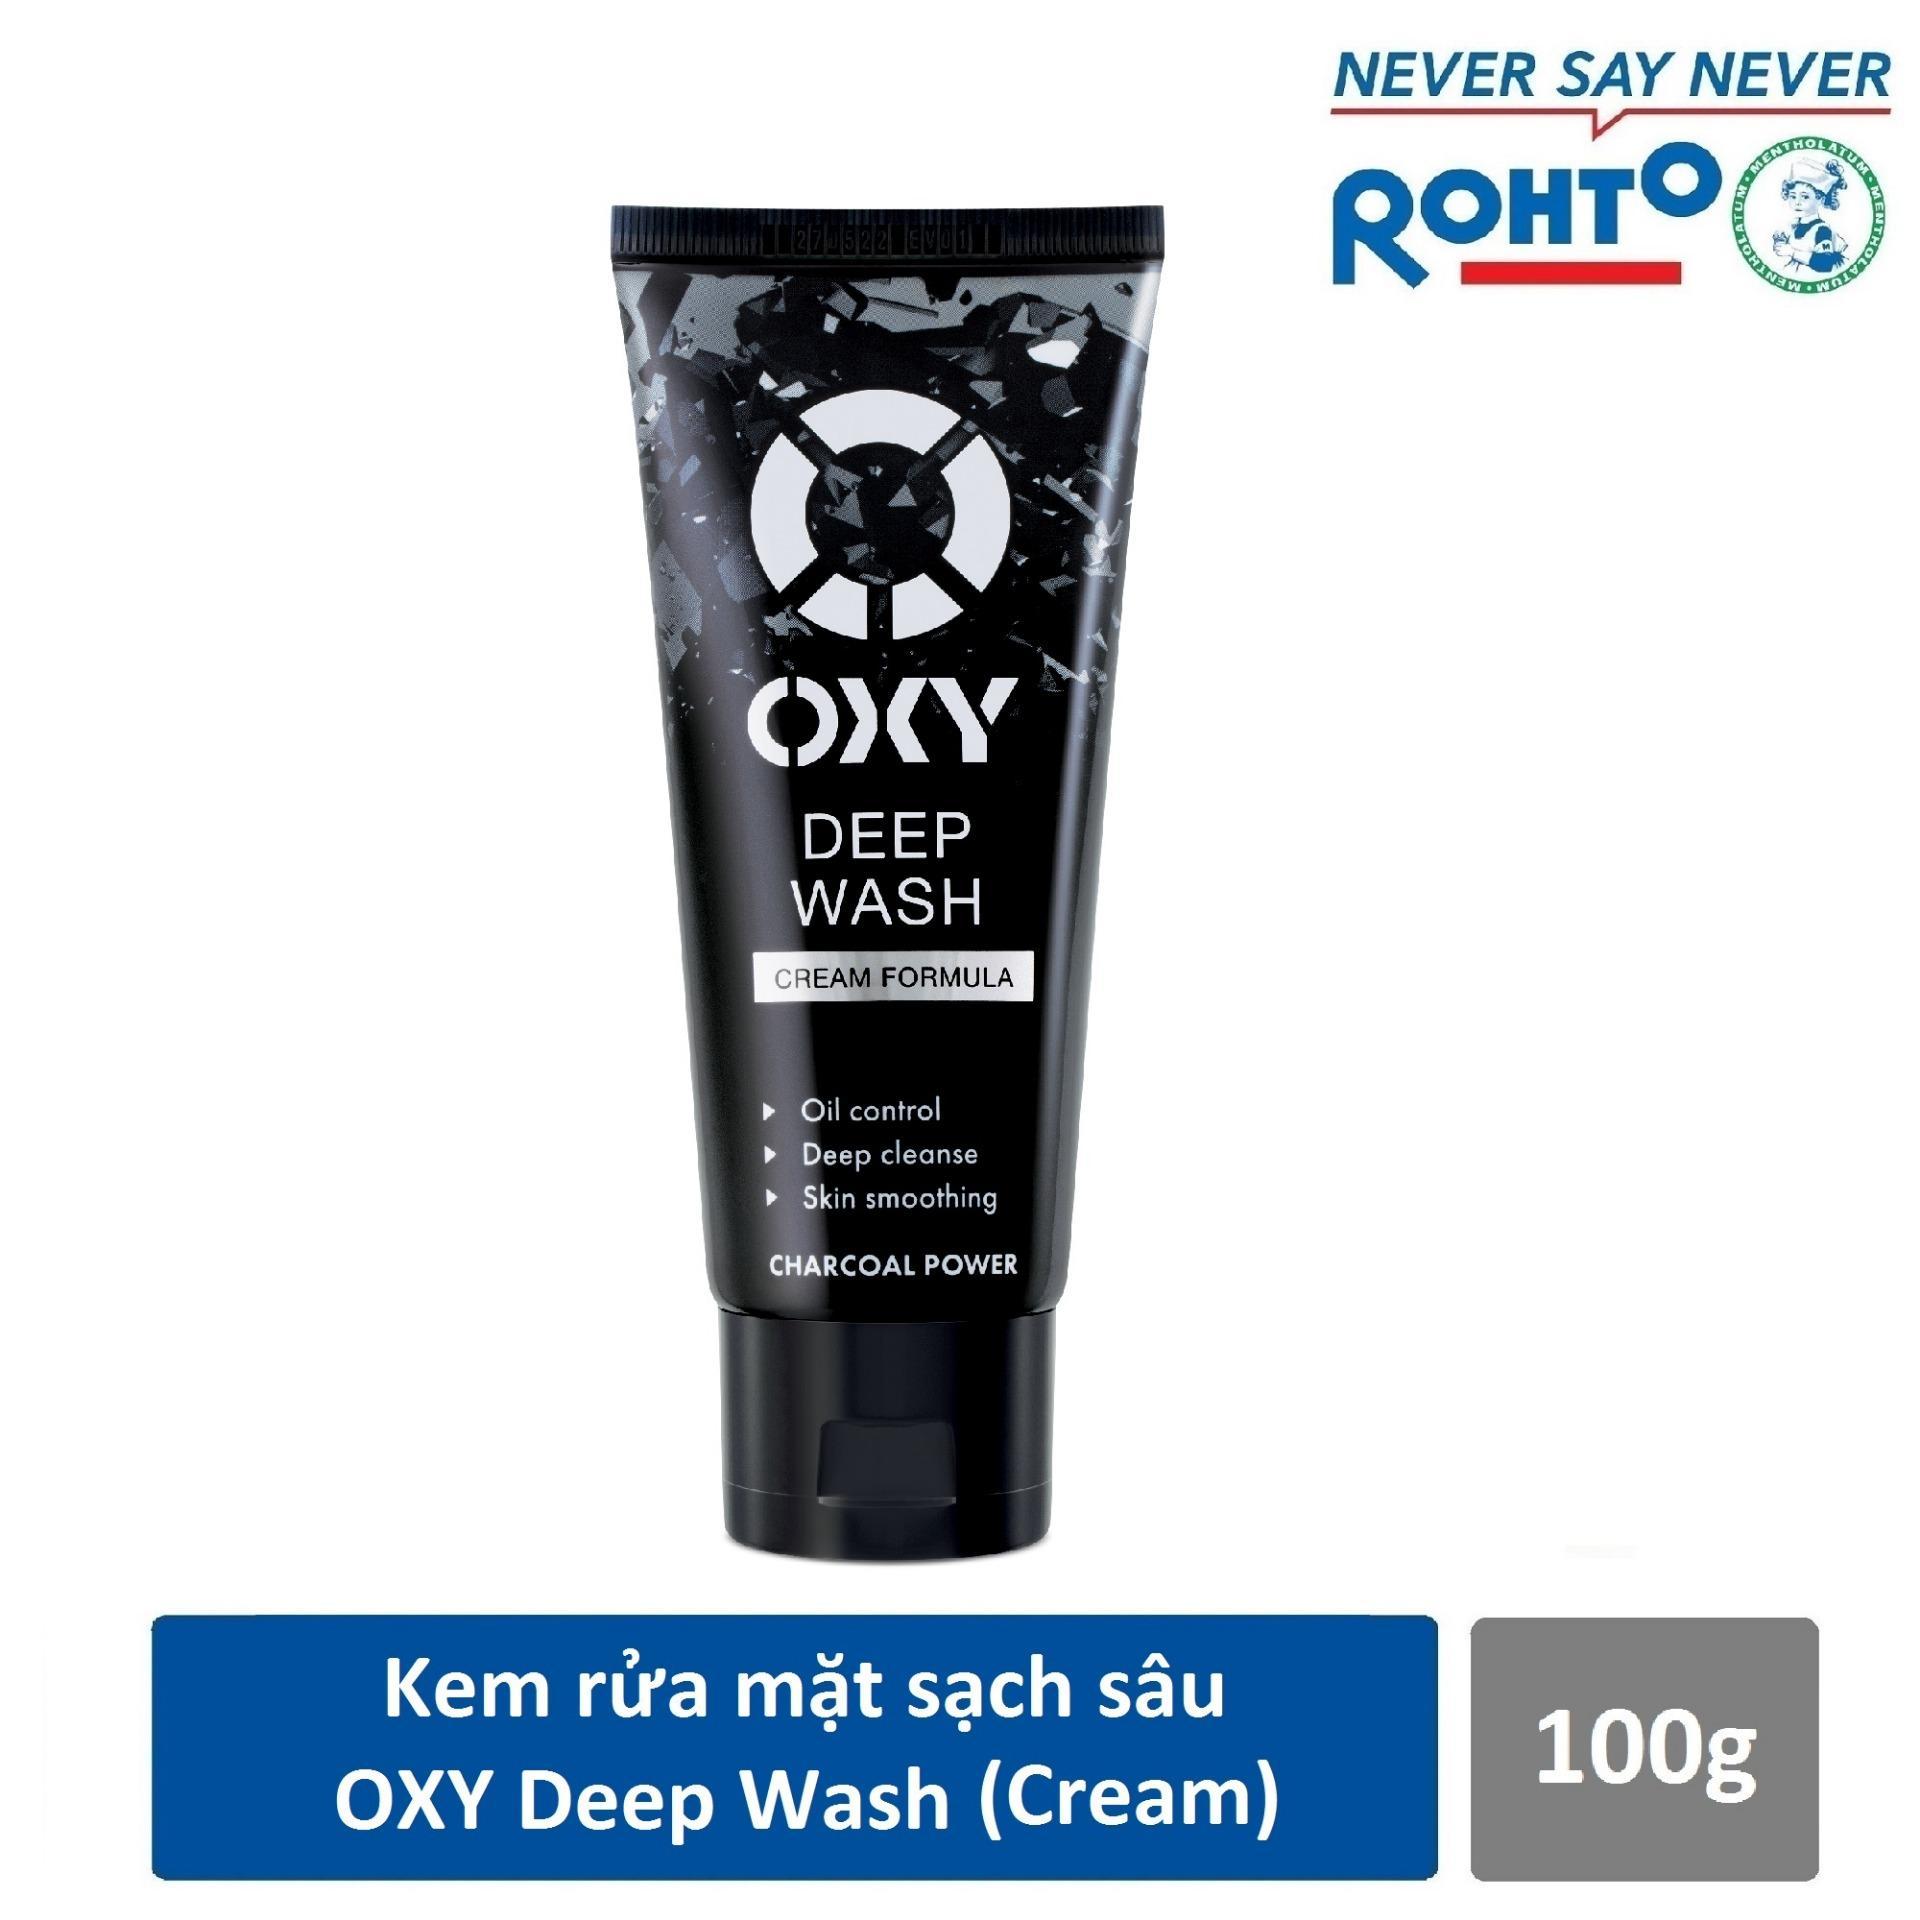 Sữa rửa mặt sạch sâu OXY Deep Wash (Cream) 100g